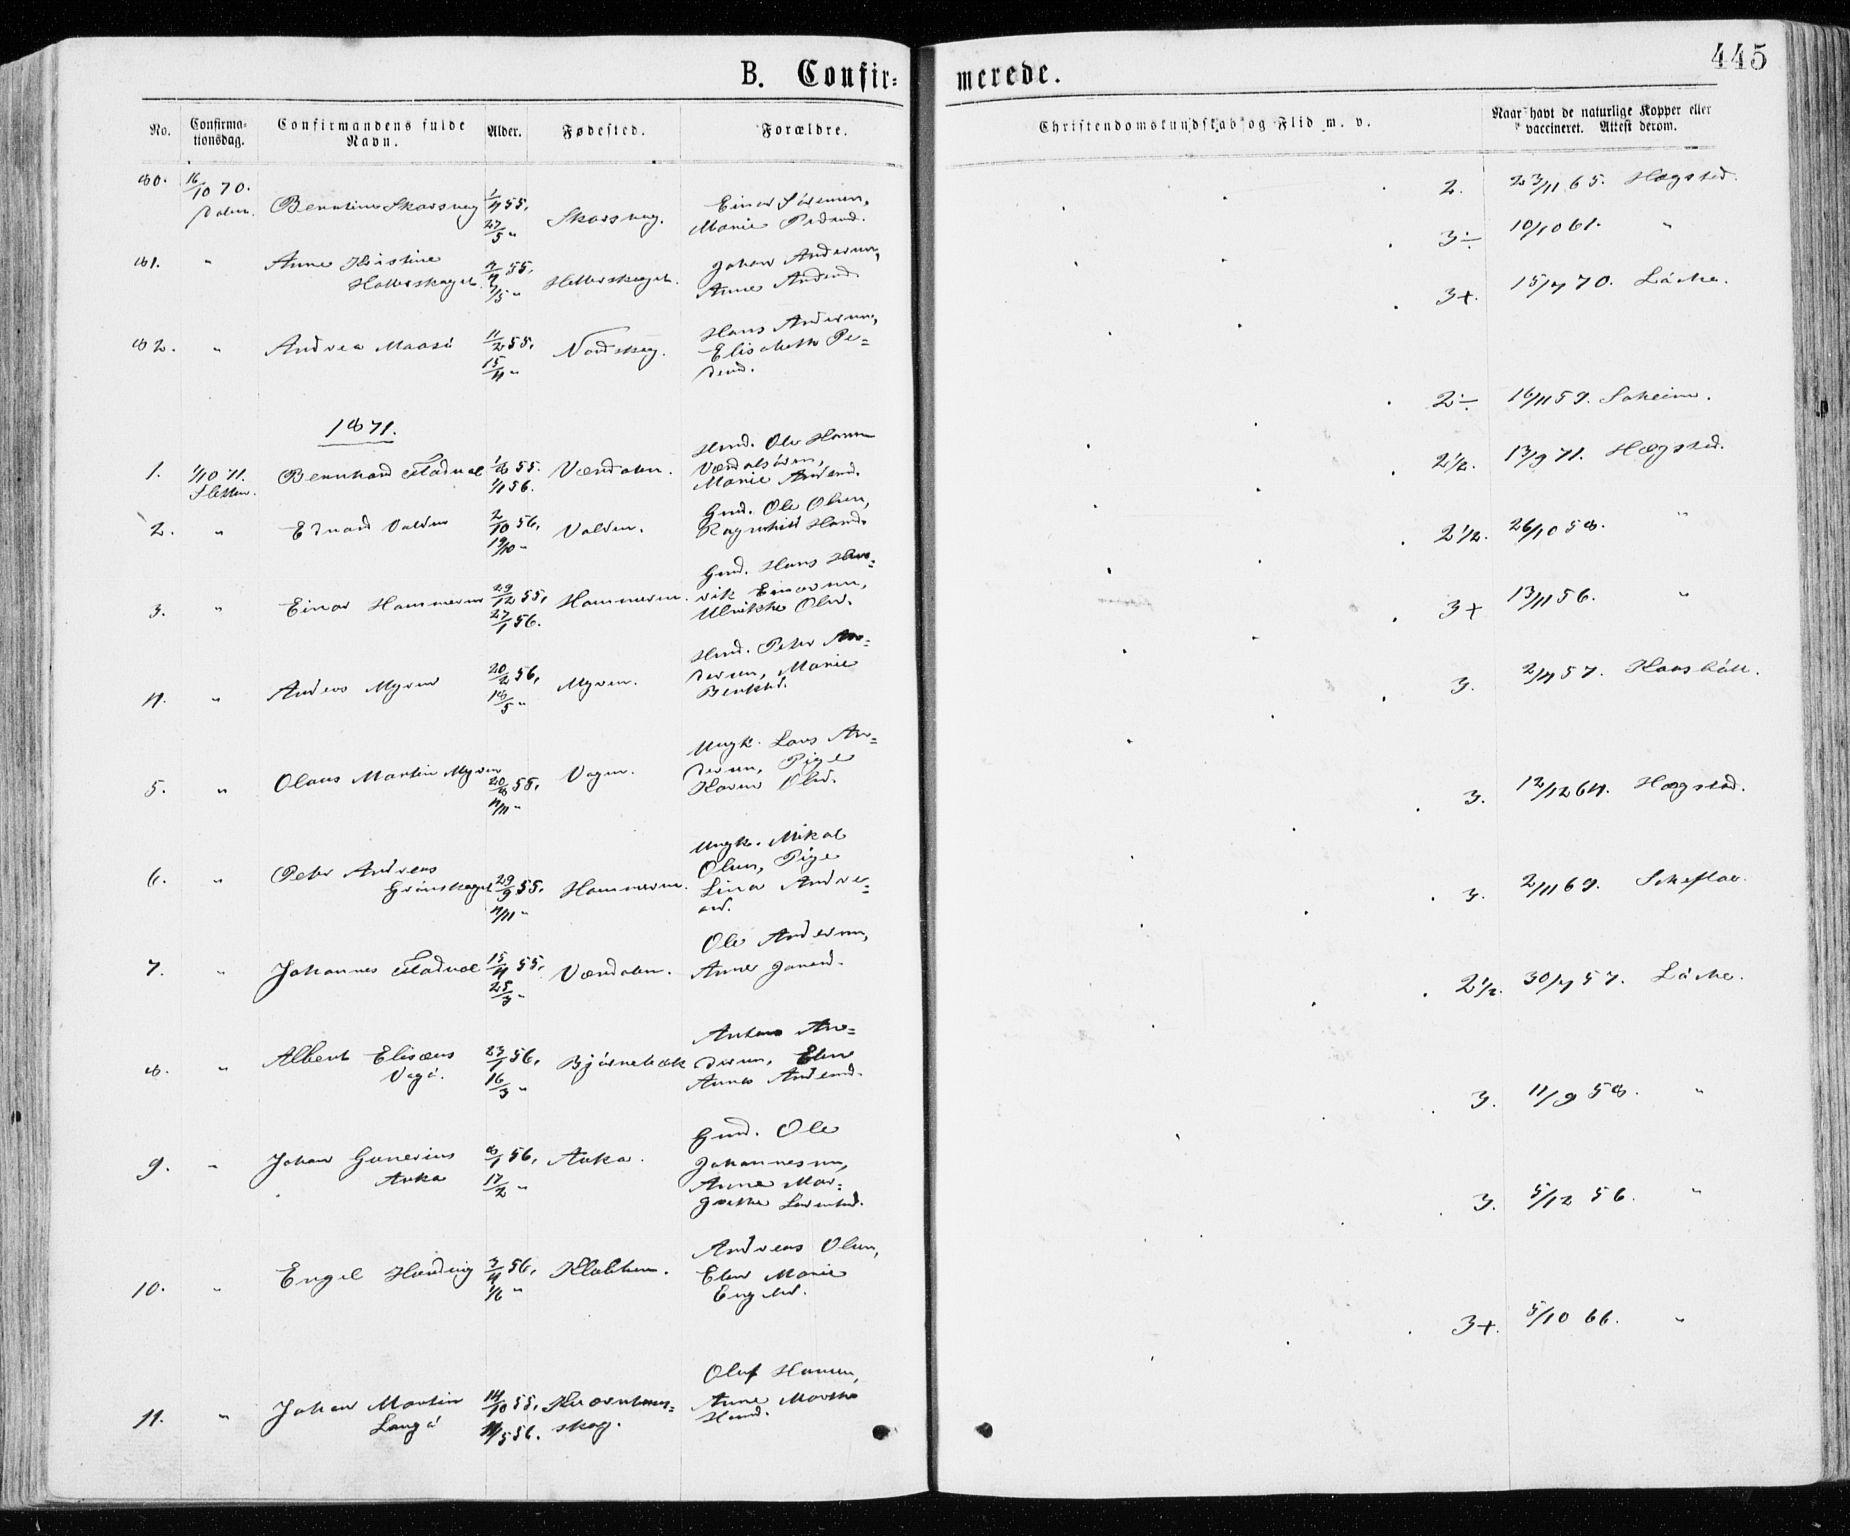 SAT, Ministerialprotokoller, klokkerbøker og fødselsregistre - Sør-Trøndelag, 640/L0576: Ministerialbok nr. 640A01, 1846-1876, s. 445